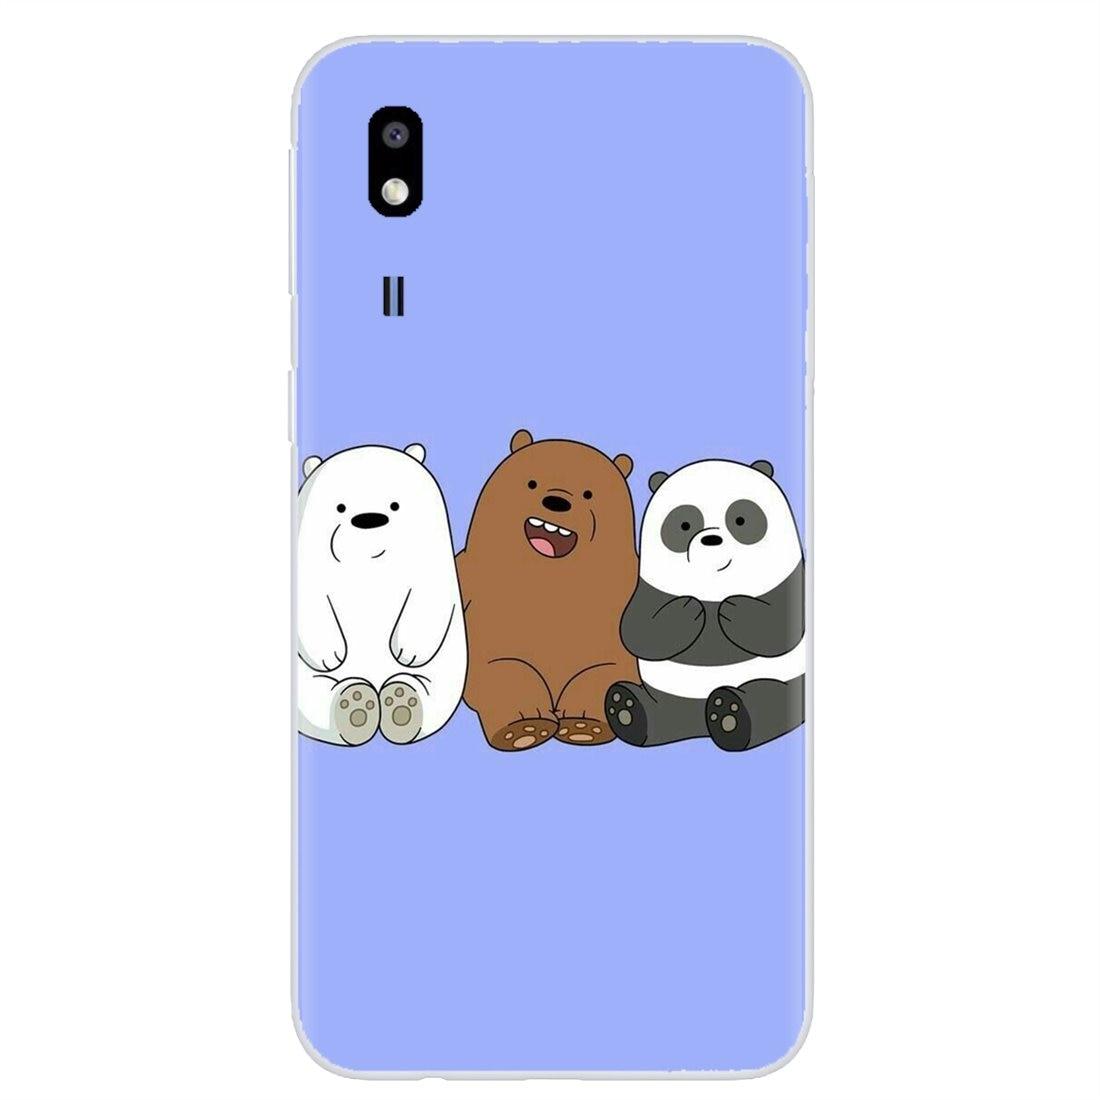 We Bare Ice Bear Panda For LG G2 G3 G4 Mini G5 G6 G7 Q6 Q7 Q8 Q9 V10 V20 V30 X Power 2 3 Spirit Personalized Silicone Phone Case